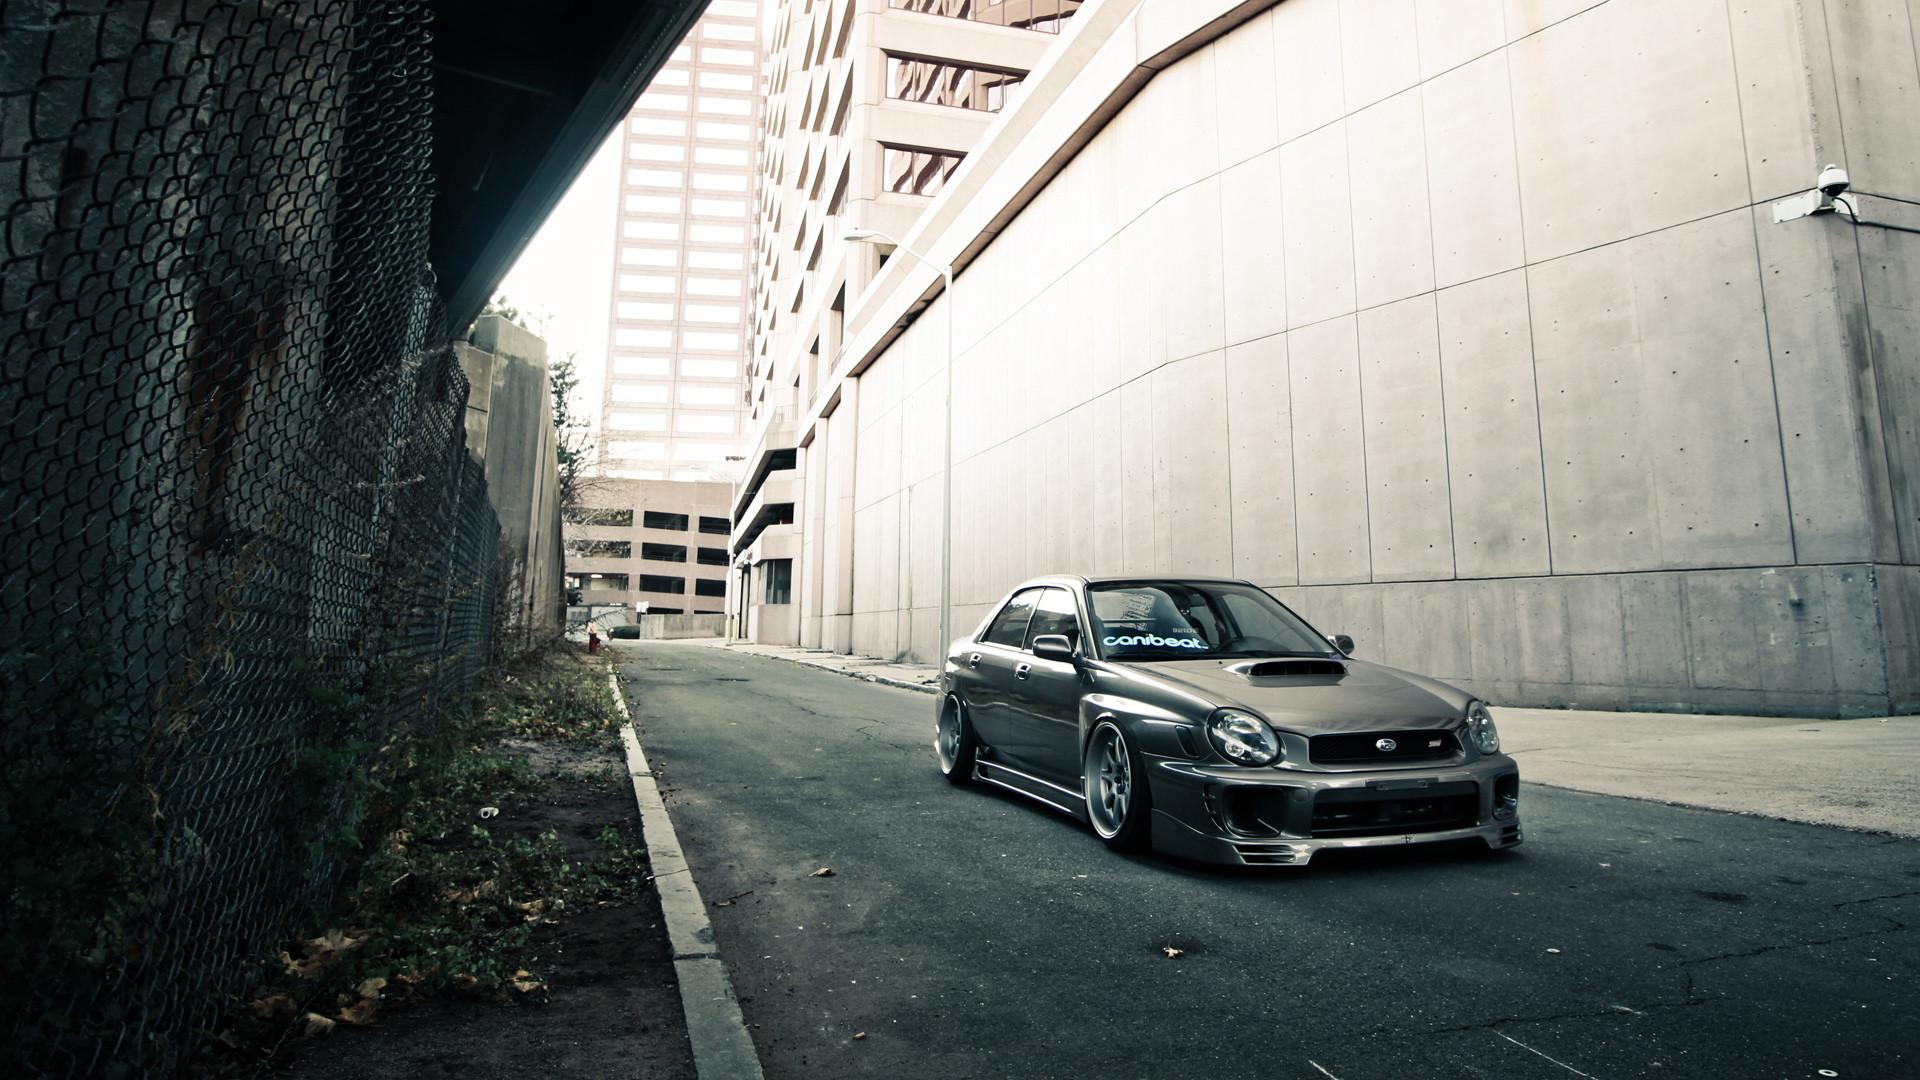 Subaru Impreza Wrx 2014 Hatchback Subaru Wrx Wallpaper H...